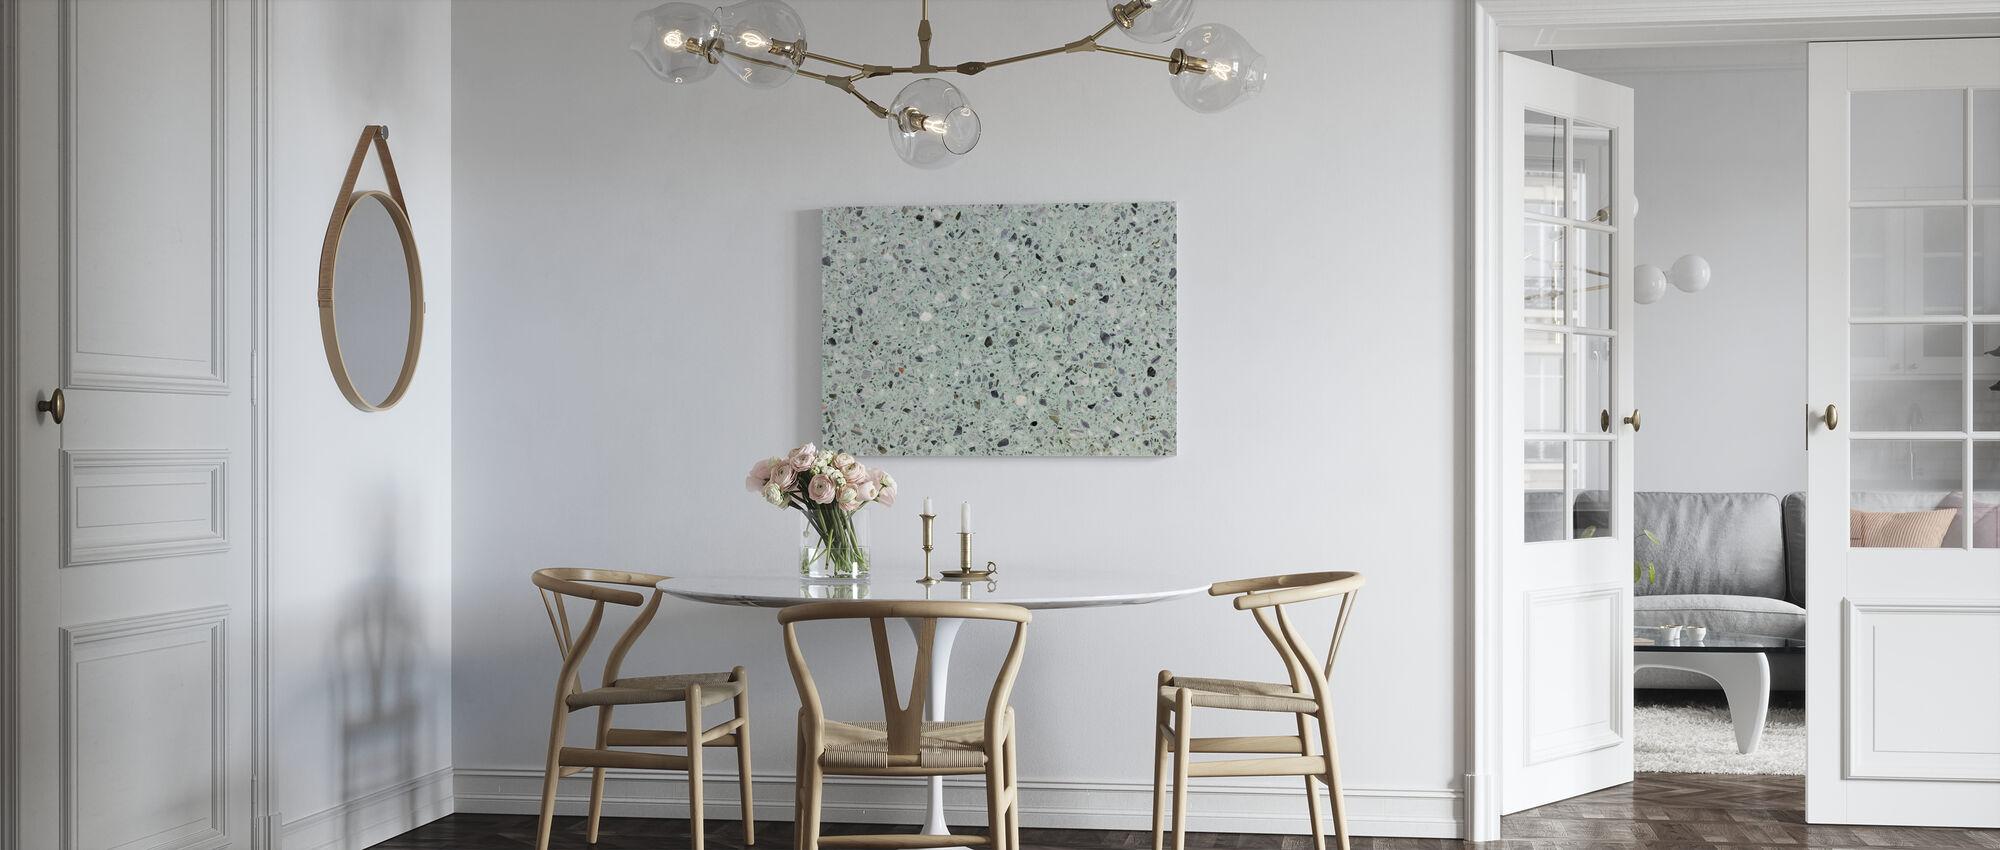 Minttu vihreä Terrazzo - Canvastaulu - Keittiö